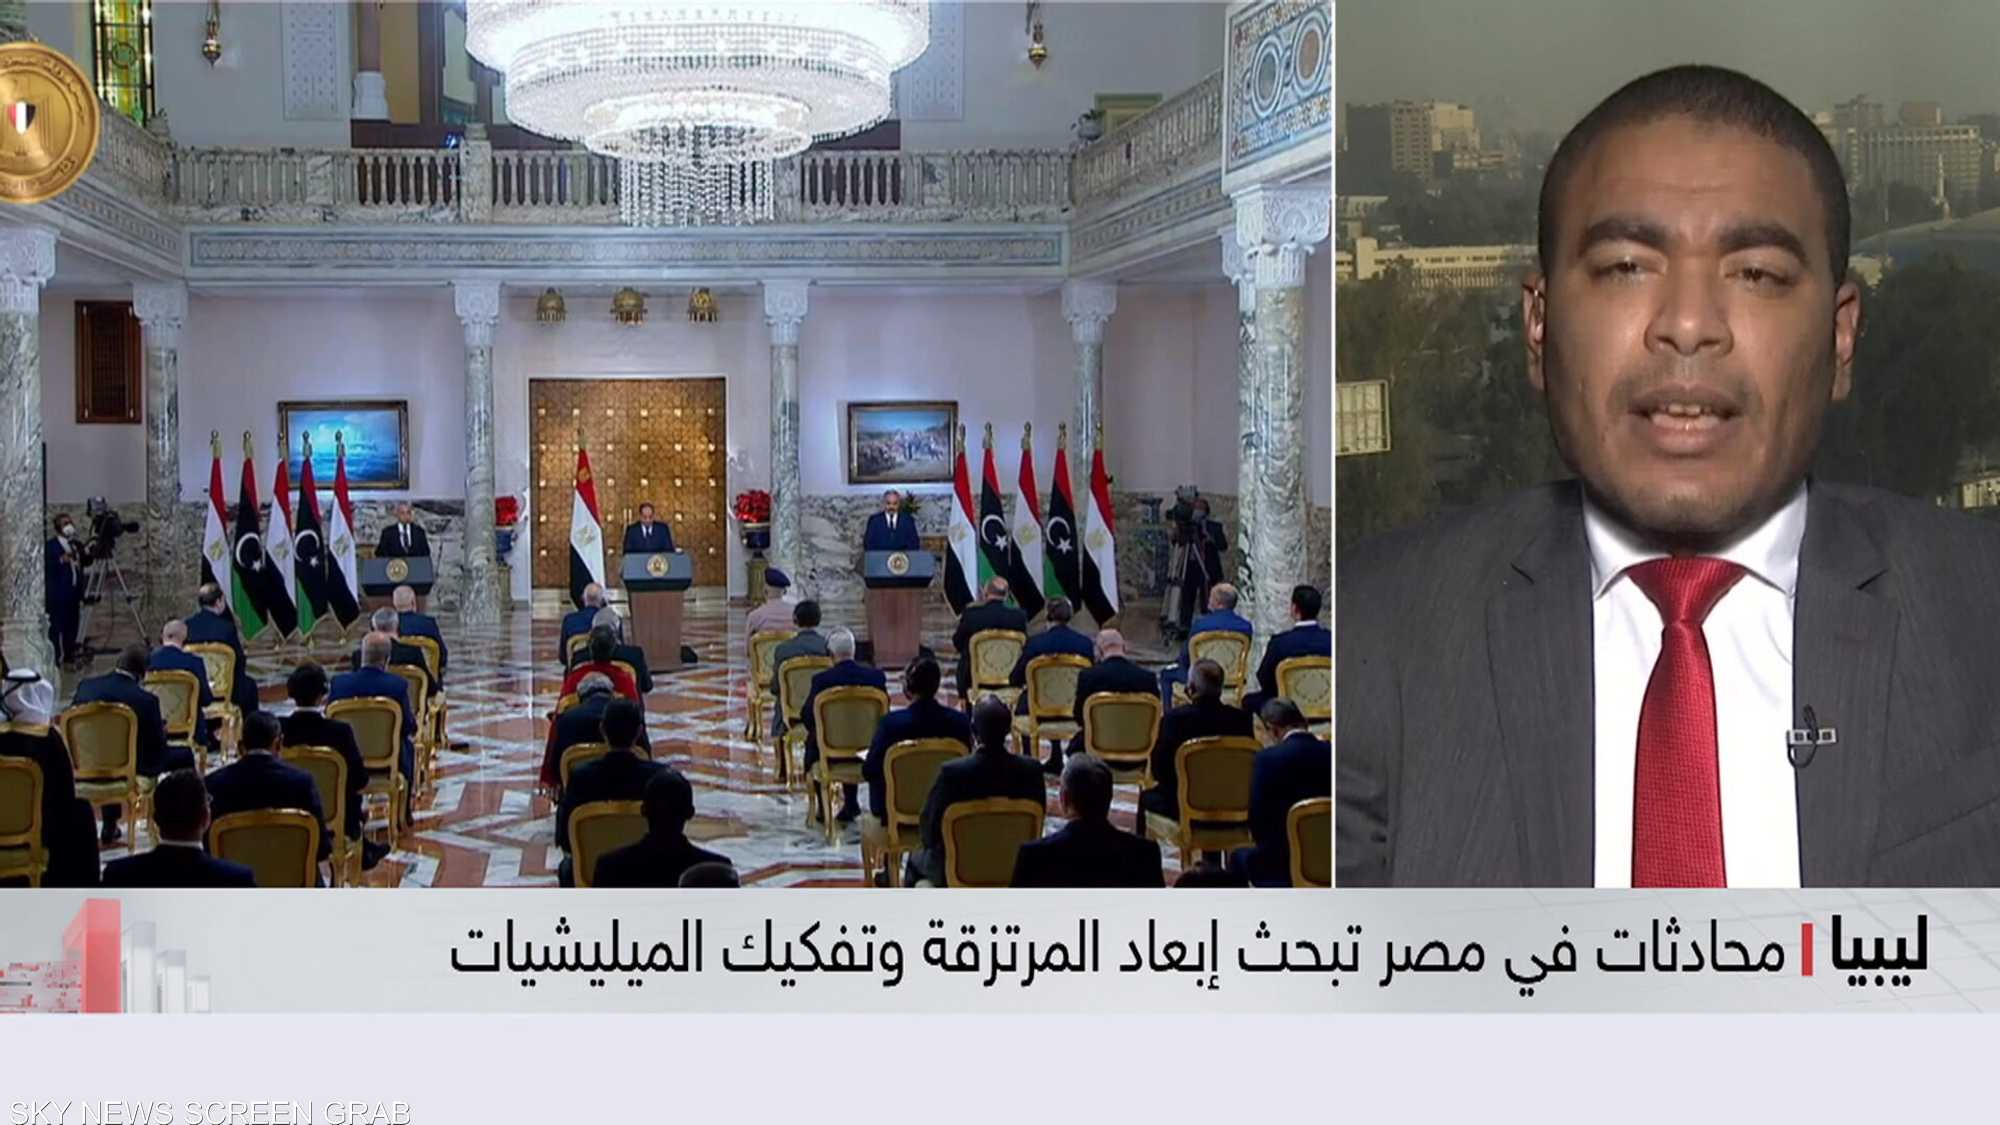 محادثات في مصر لتوحيد المؤسسة العسكرية وتأمين سرت